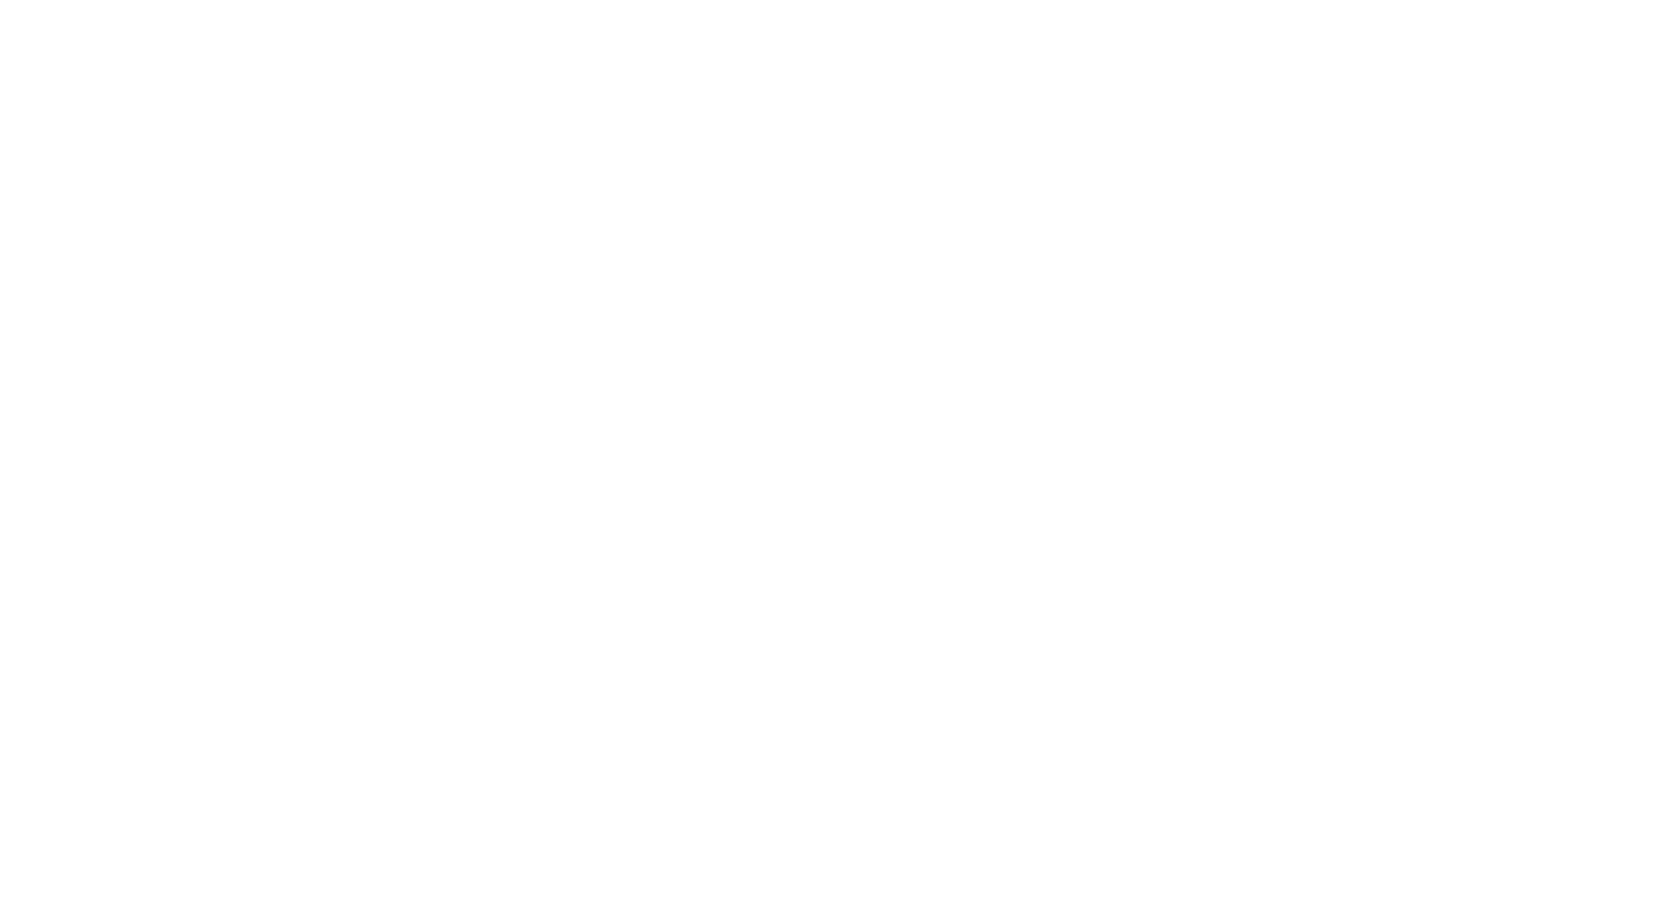 Garwin Gerstein & Fisher LLP